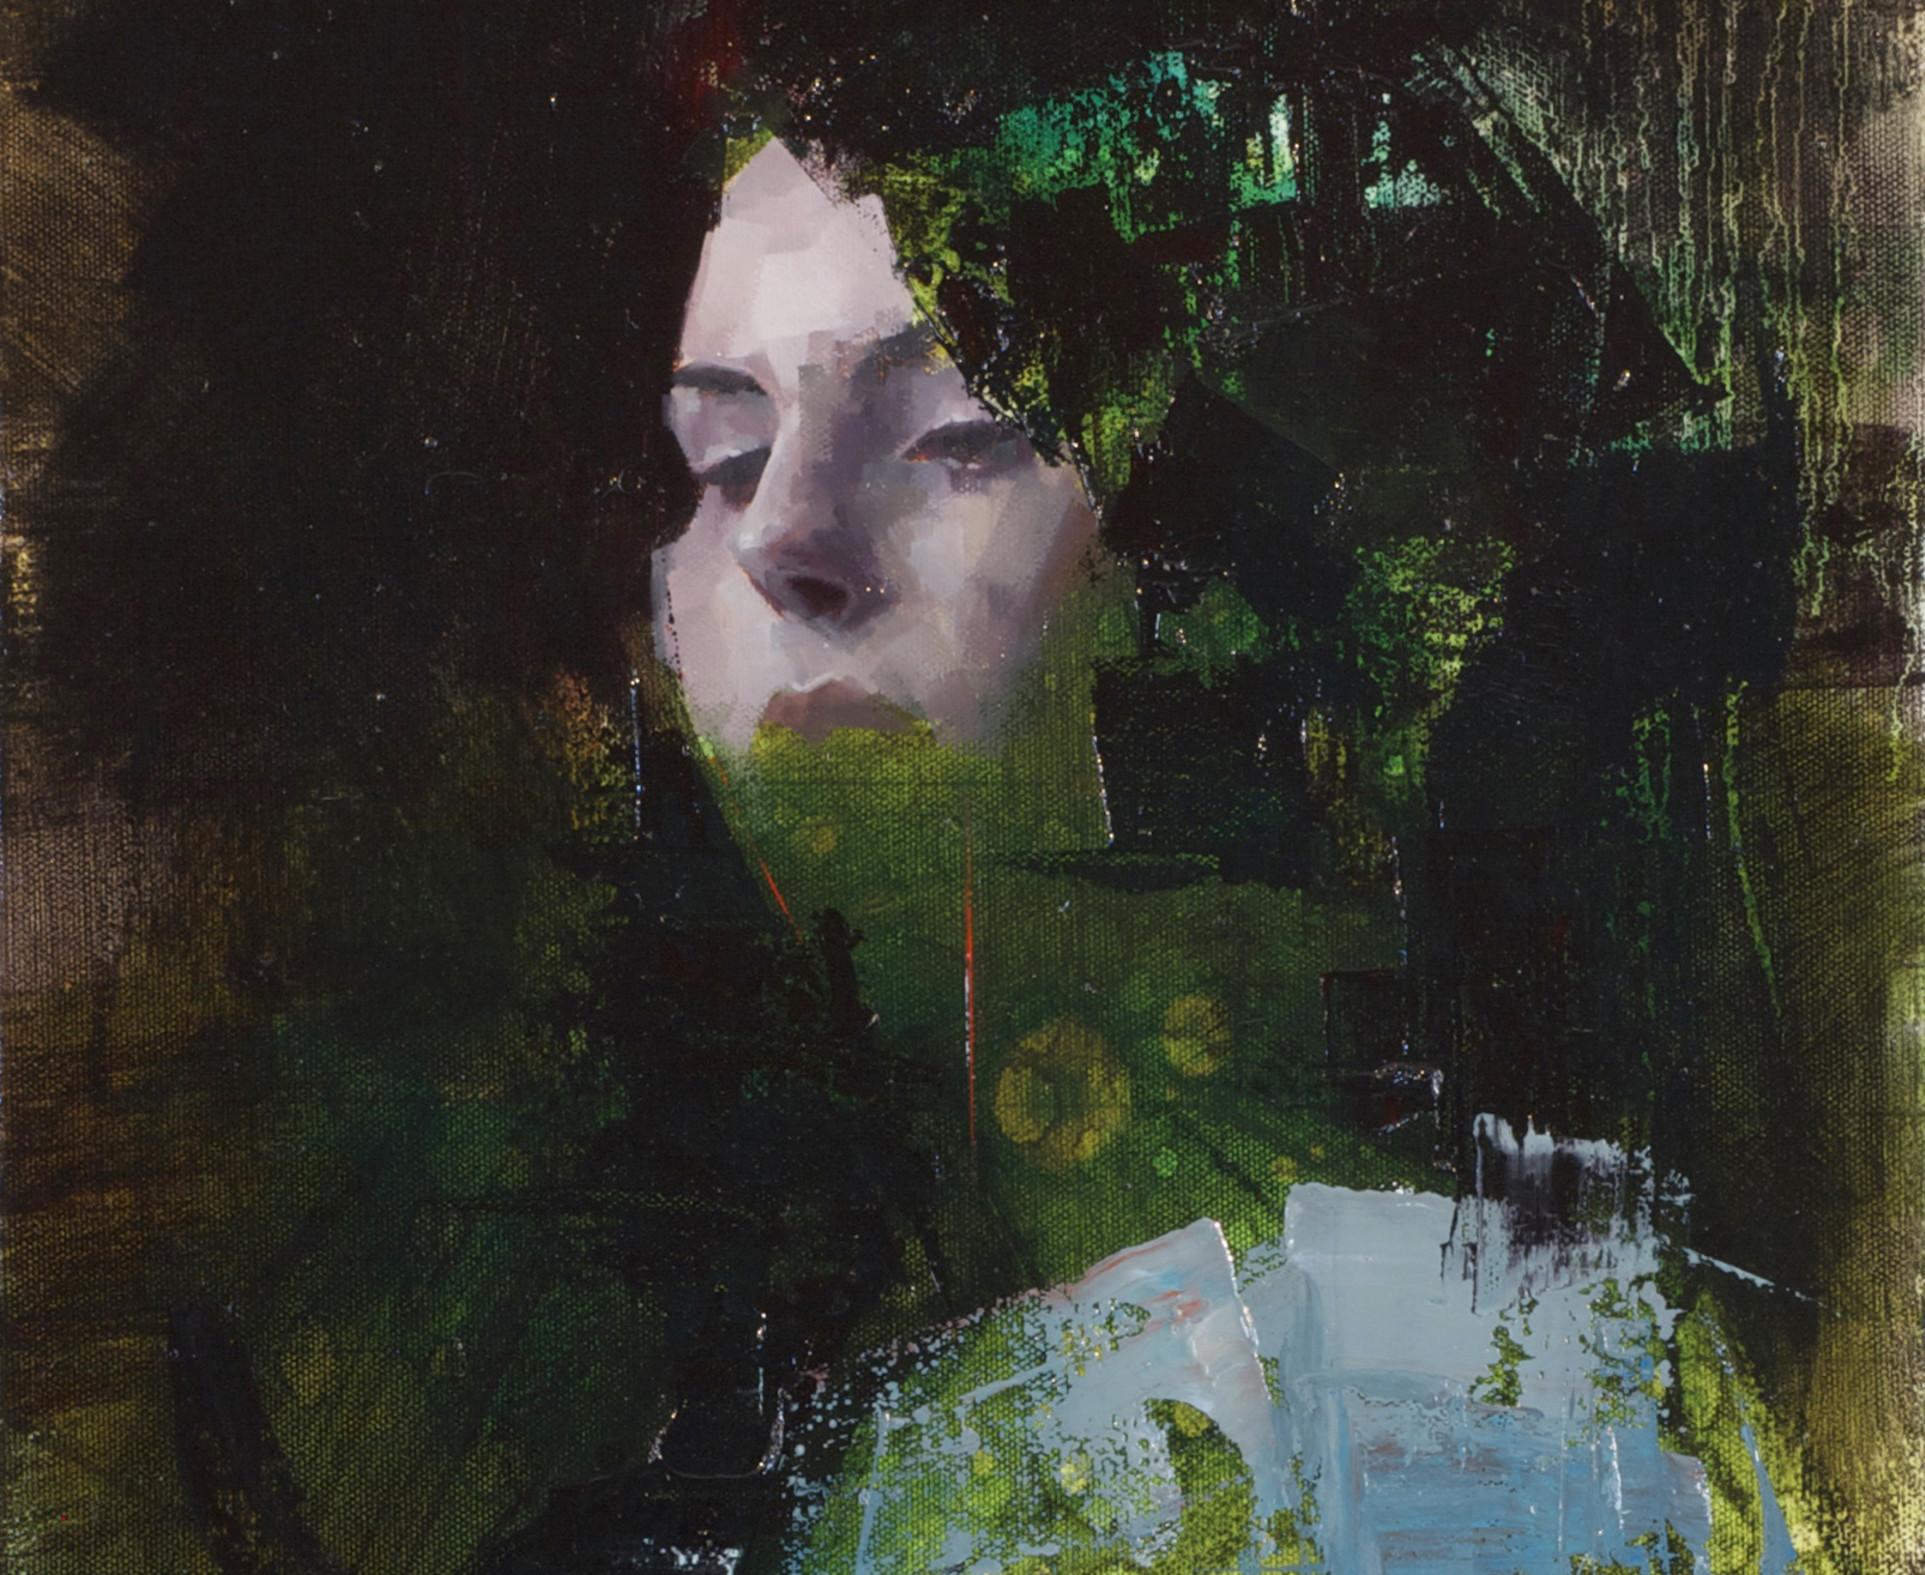 John Wentz, Imprint No. 19, 2015